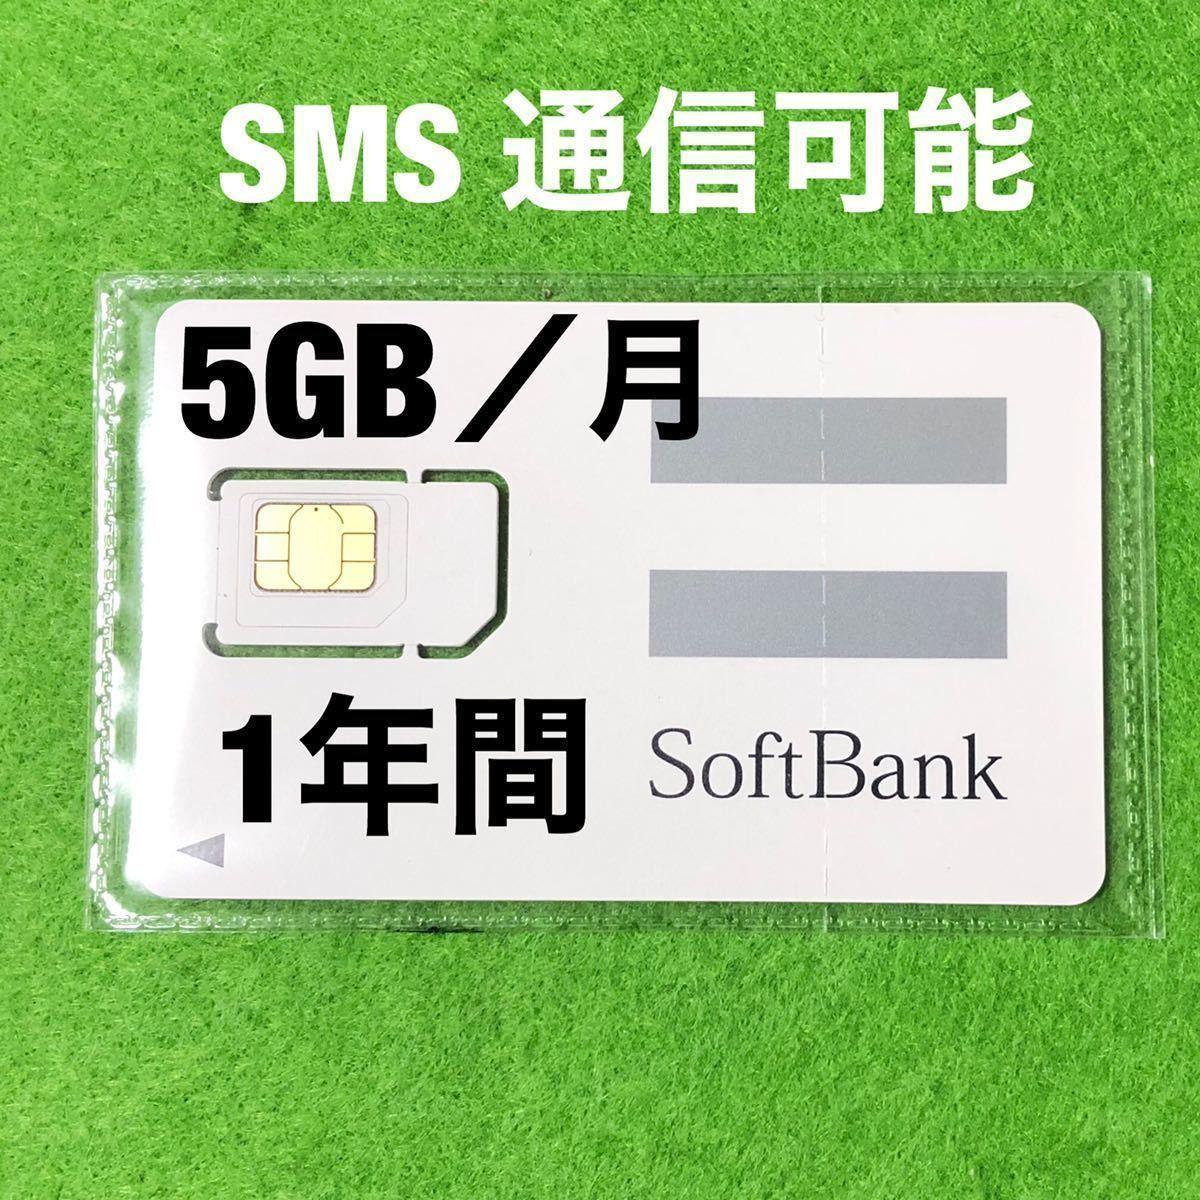 SoftBank 5GB プリペイド データ カード SIM 通信 高速117_画像1